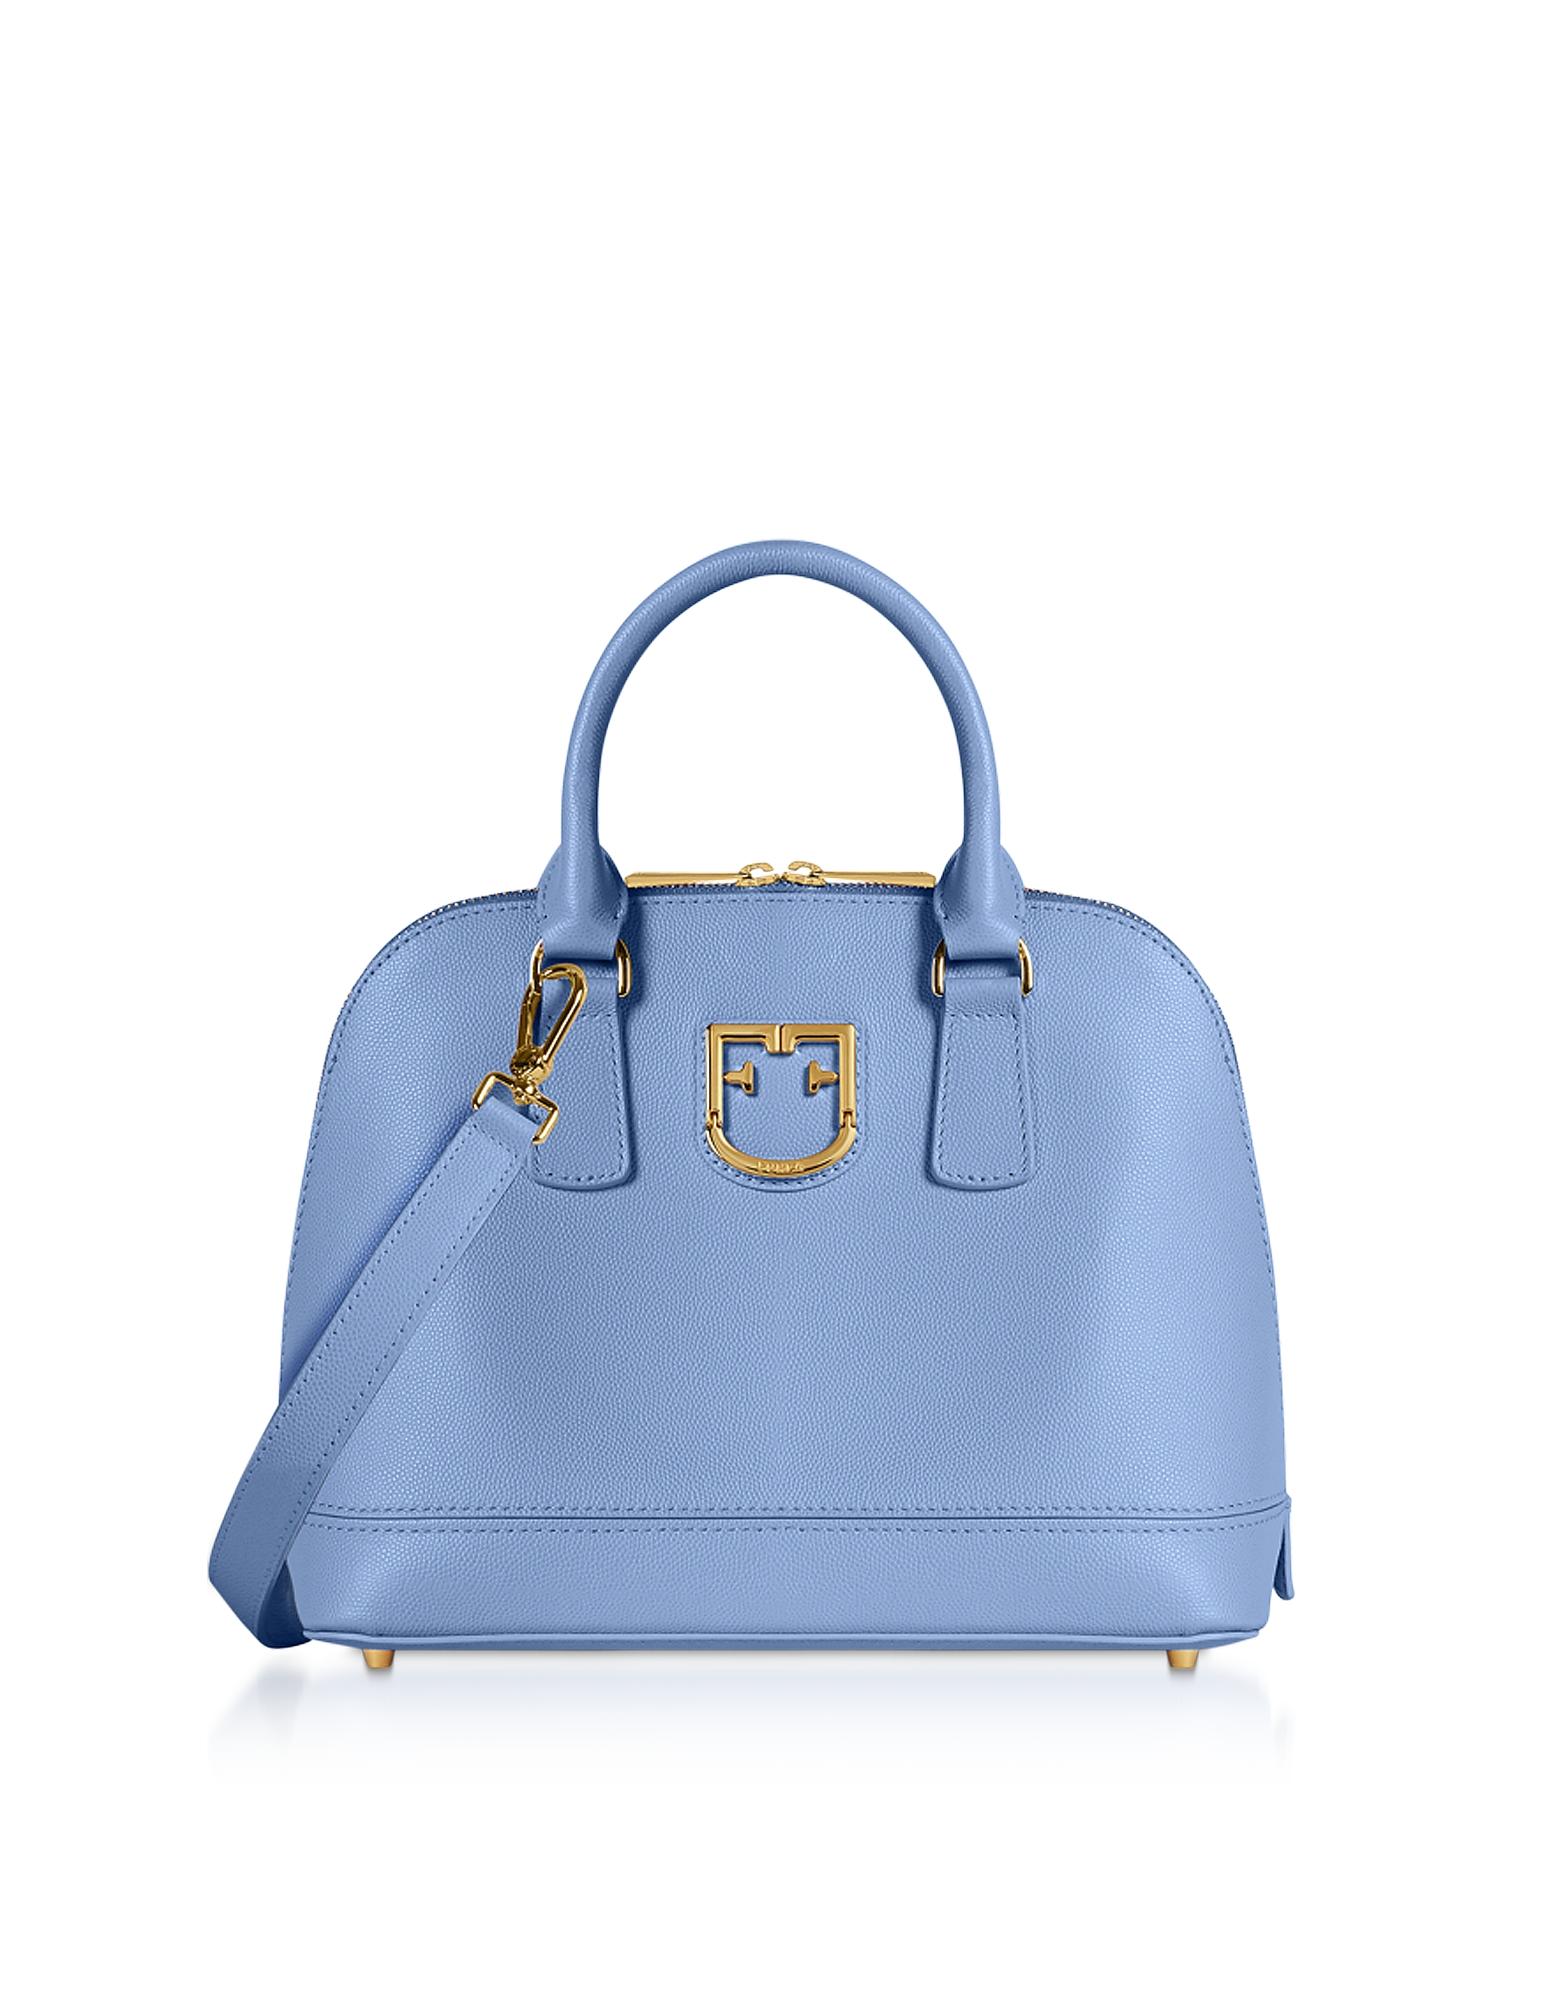 Furla Designer Handbags, Fantastica S Dome Satchel Bag